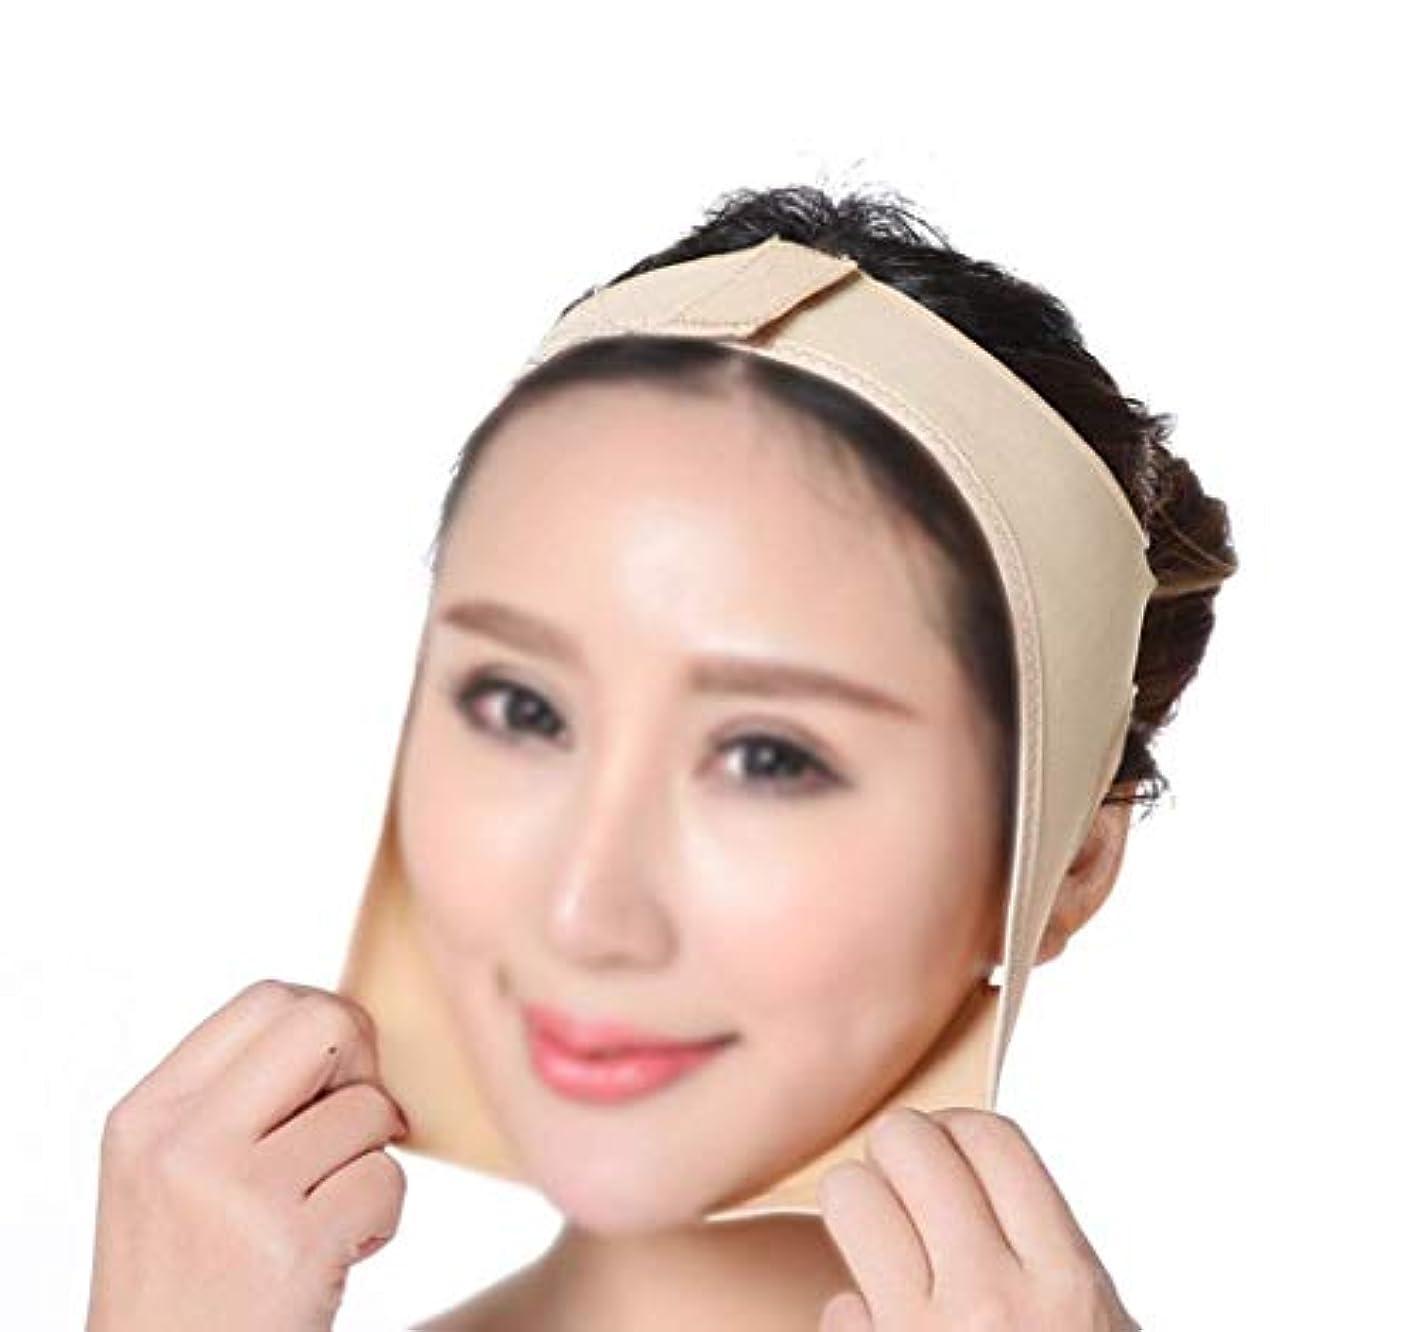 許される潮本ファーミングフェイスマスク、通気性フェイスバンデージVフェイスデバイススリープ薄型フェイスマスクフェイスマッサージ器具フェイスリフティングフェイスリフティングツール(サイズ:Xl),M